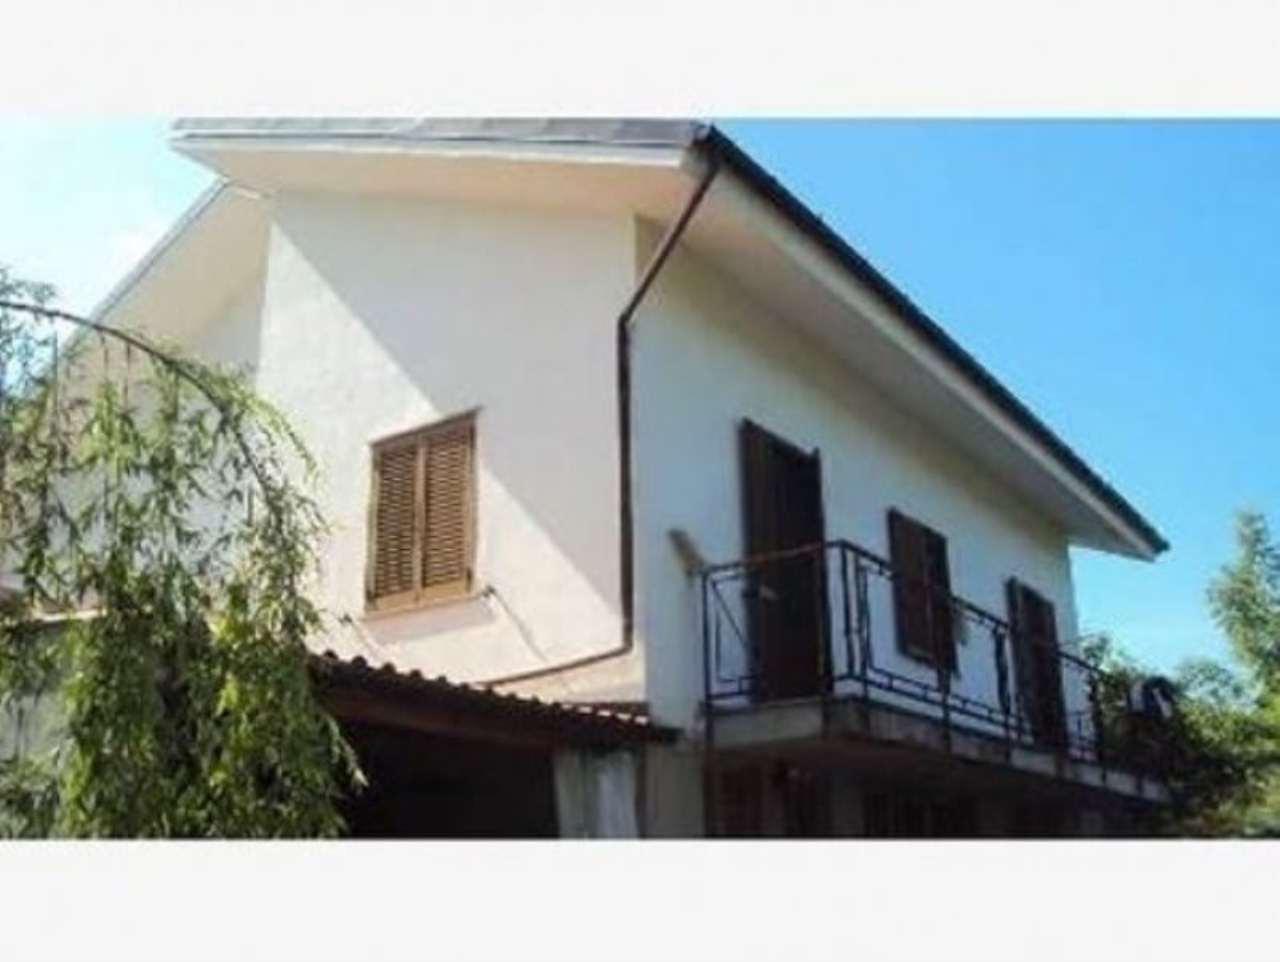 Villa in vendita a Berzano di San Pietro, 6 locali, prezzo € 235.000 | Cambio Casa.it